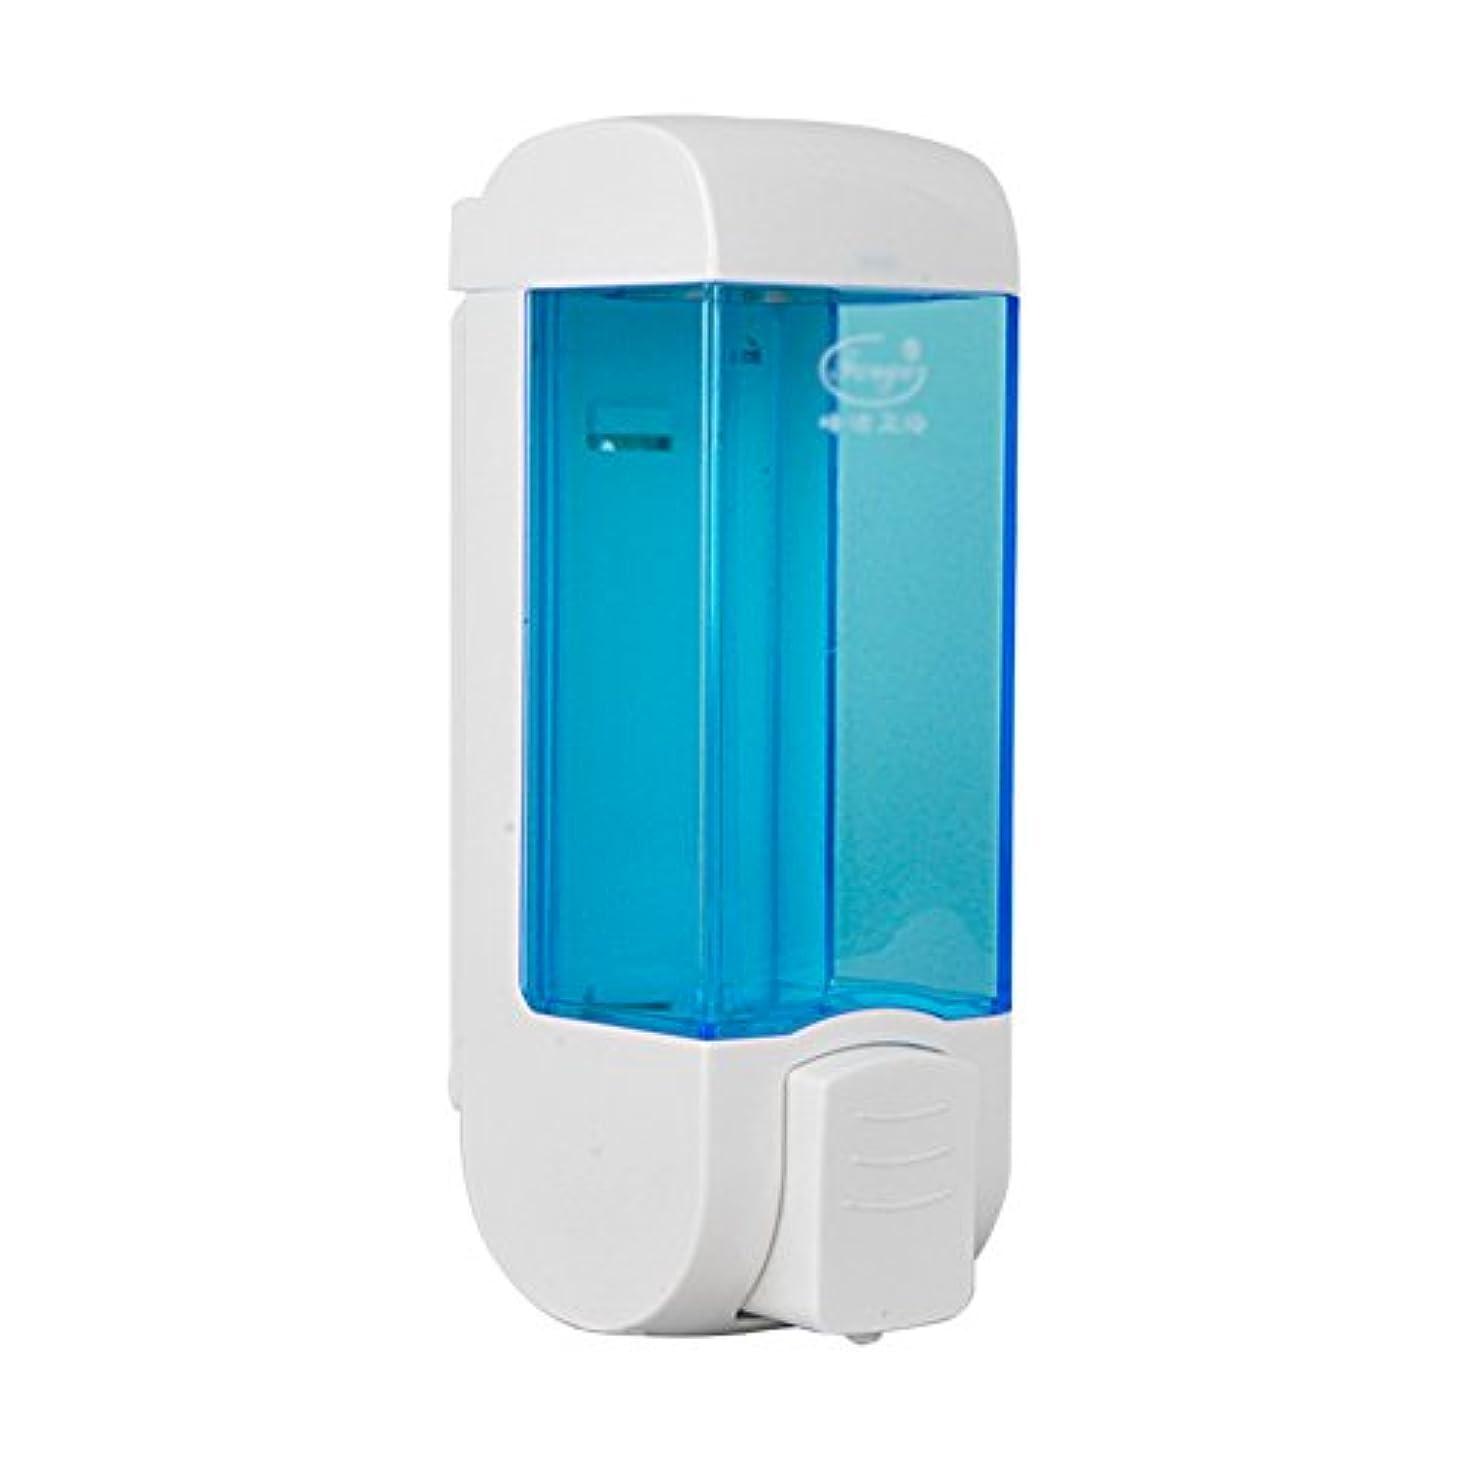 また明日ねアコードビルマZEMIN ソープディスペンサー 壁掛け式 石鹸ディスペンサー 帰納的 マニュアル ポンプ 2頭 シャンプー 液体 石鹸 クリーン、 プラスチック、 青、 300ML (色 : 1)